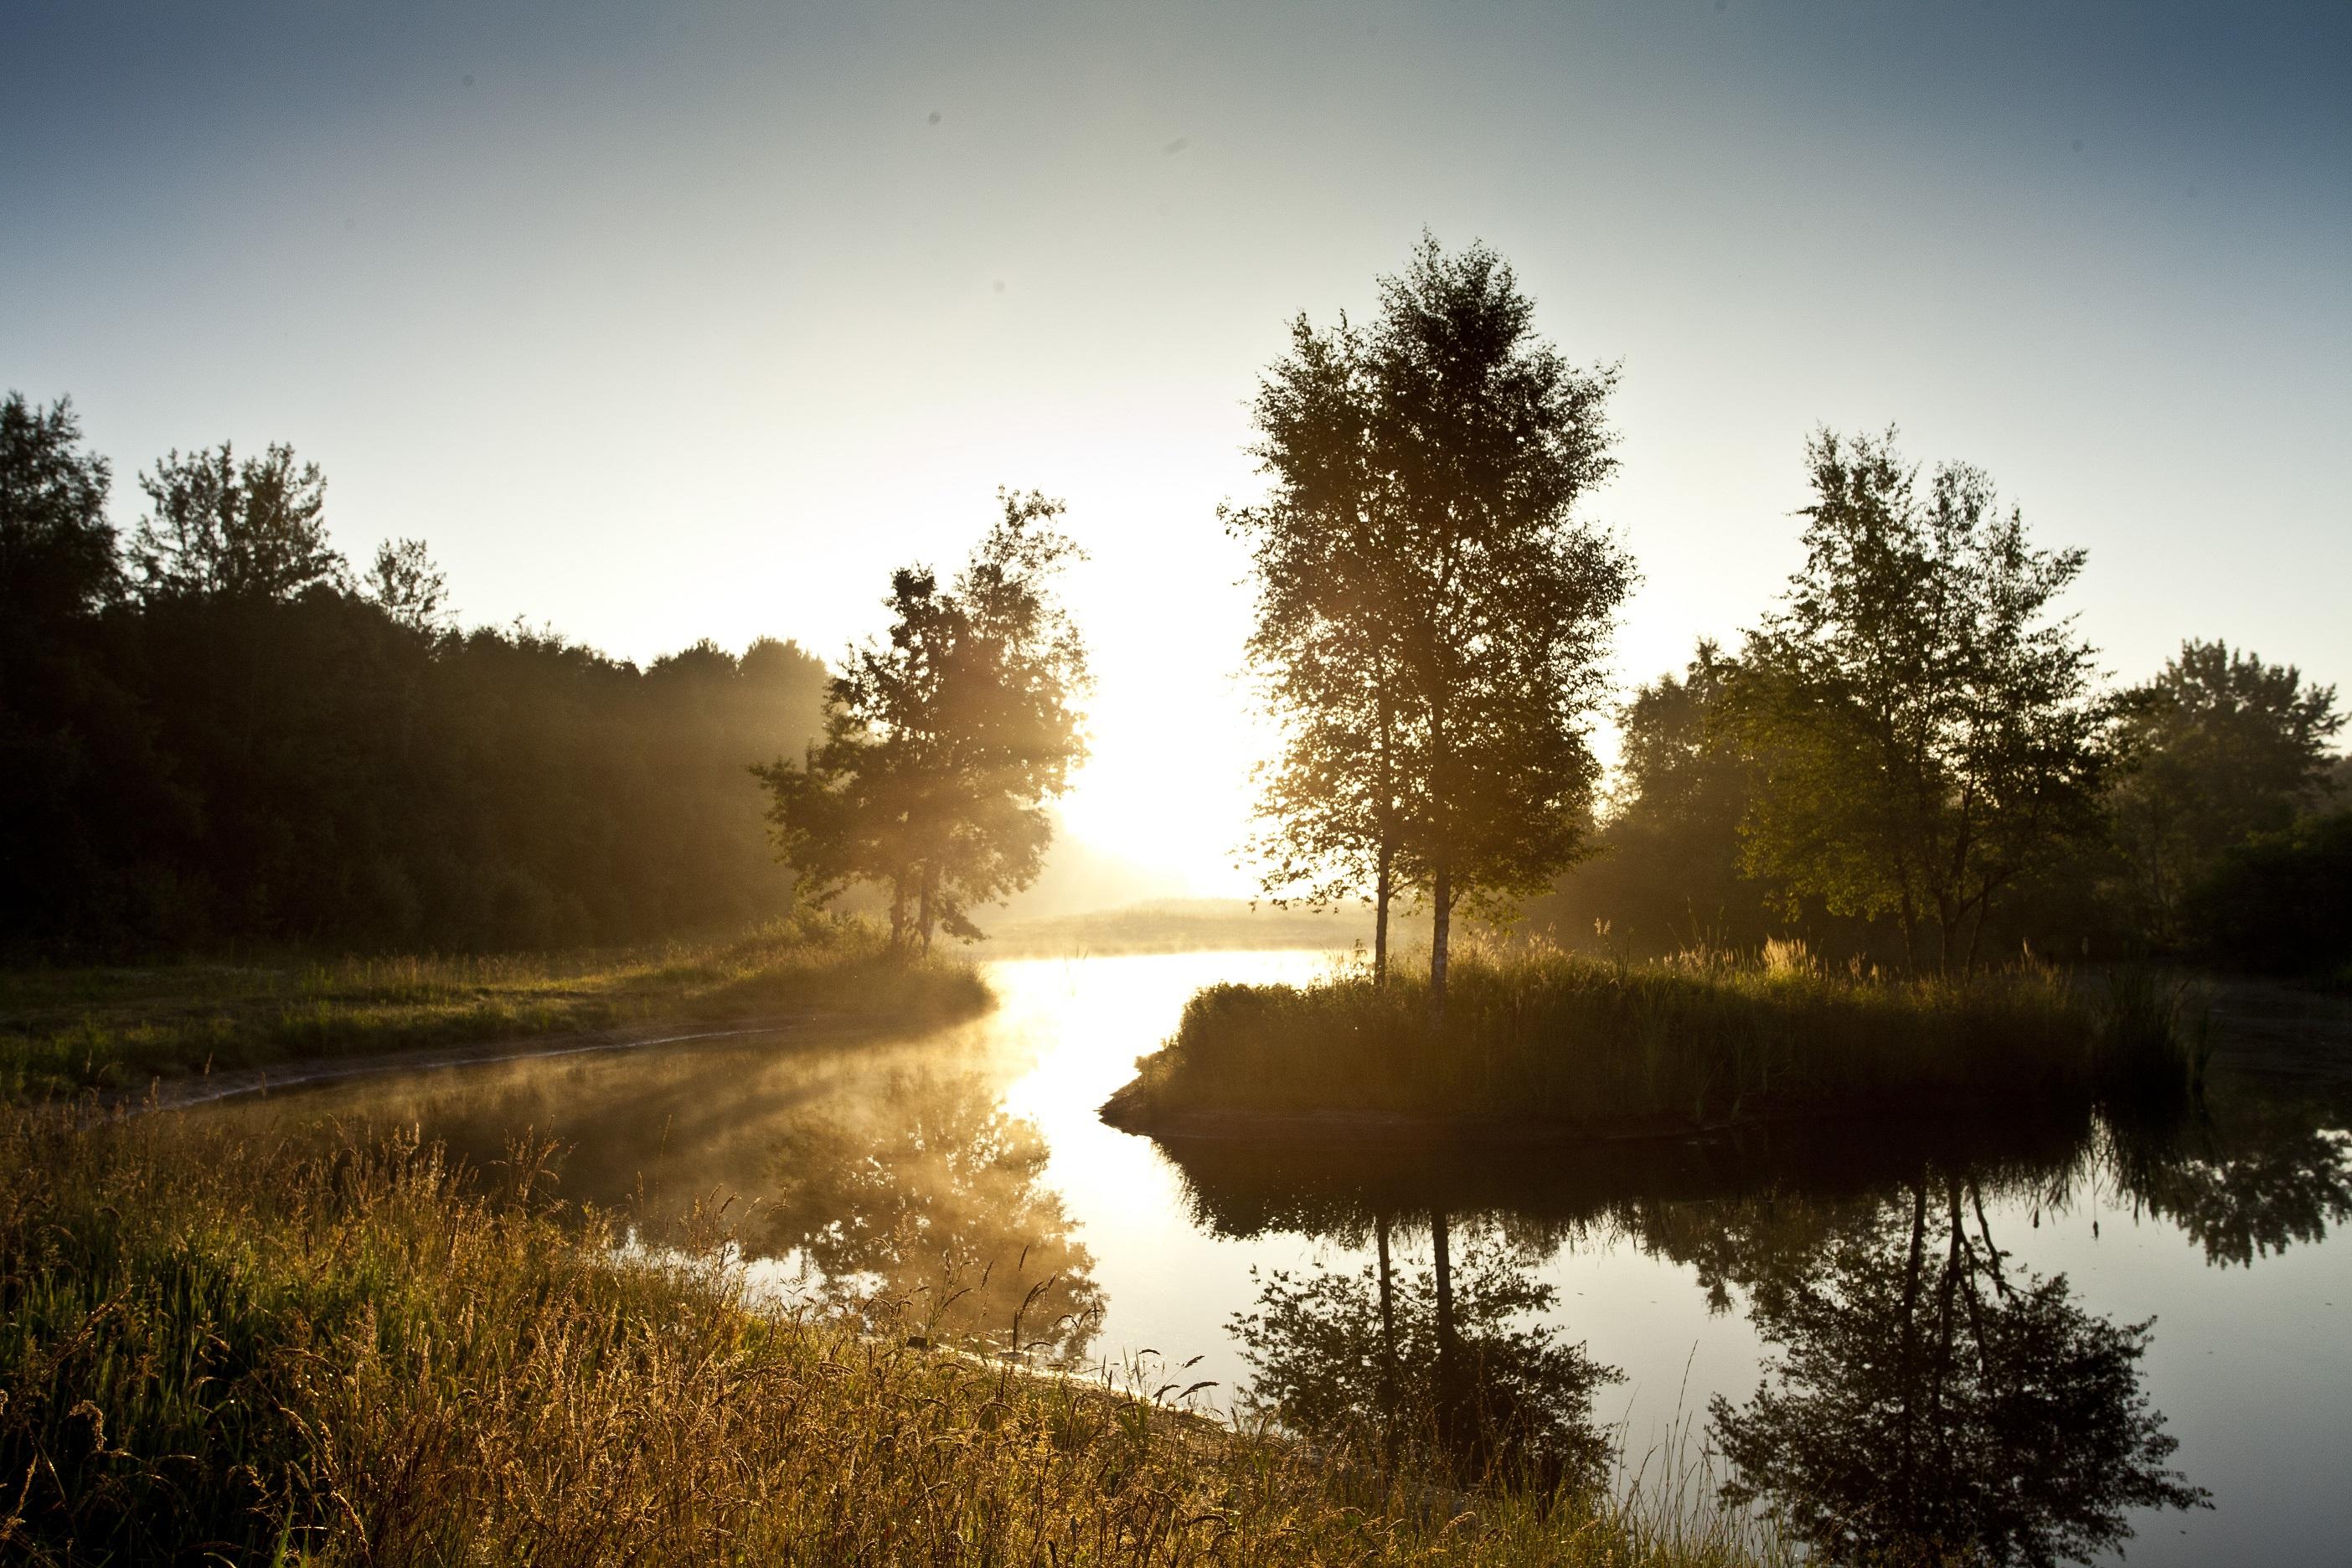 Informatiemiddag met de Eexterkerk: Rituelen en begraven